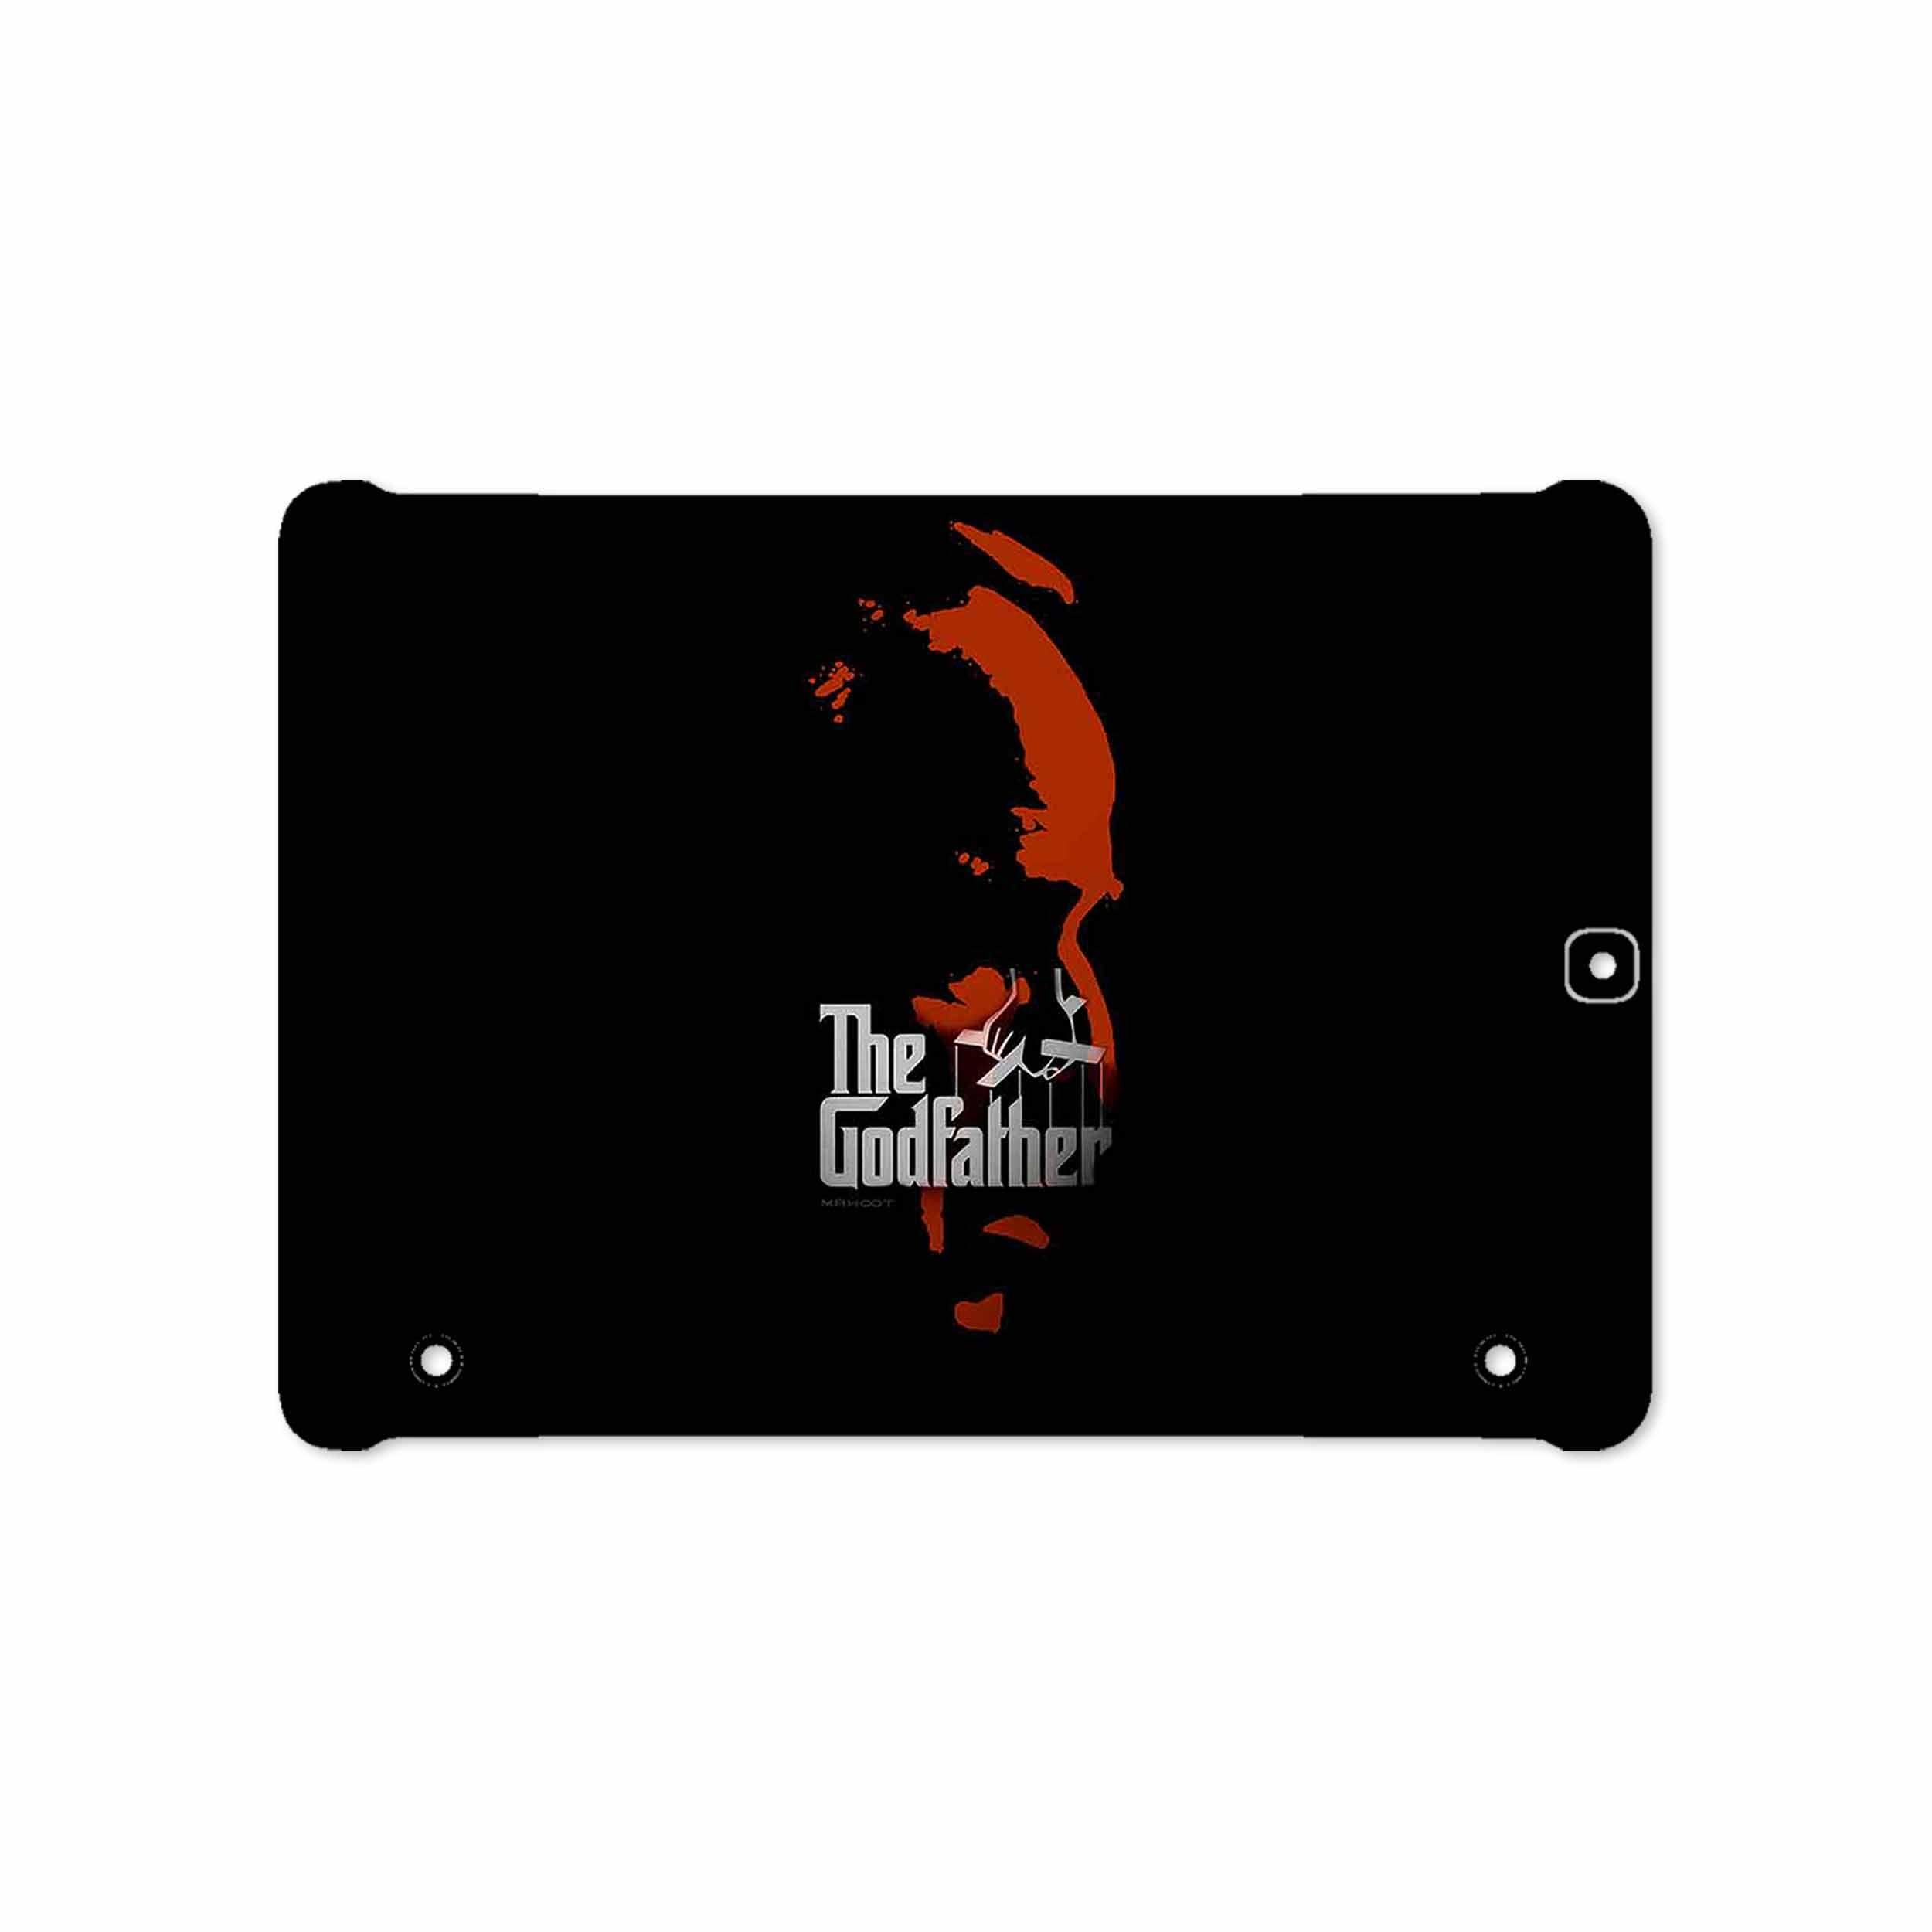 بررسی و خرید [با تخفیف]                                     برچسب پوششی ماهوت مدل The Godfather مناسب برای تبلت سامسونگ Galaxy Tab S2 9.7 2015 T810                             اورجینال